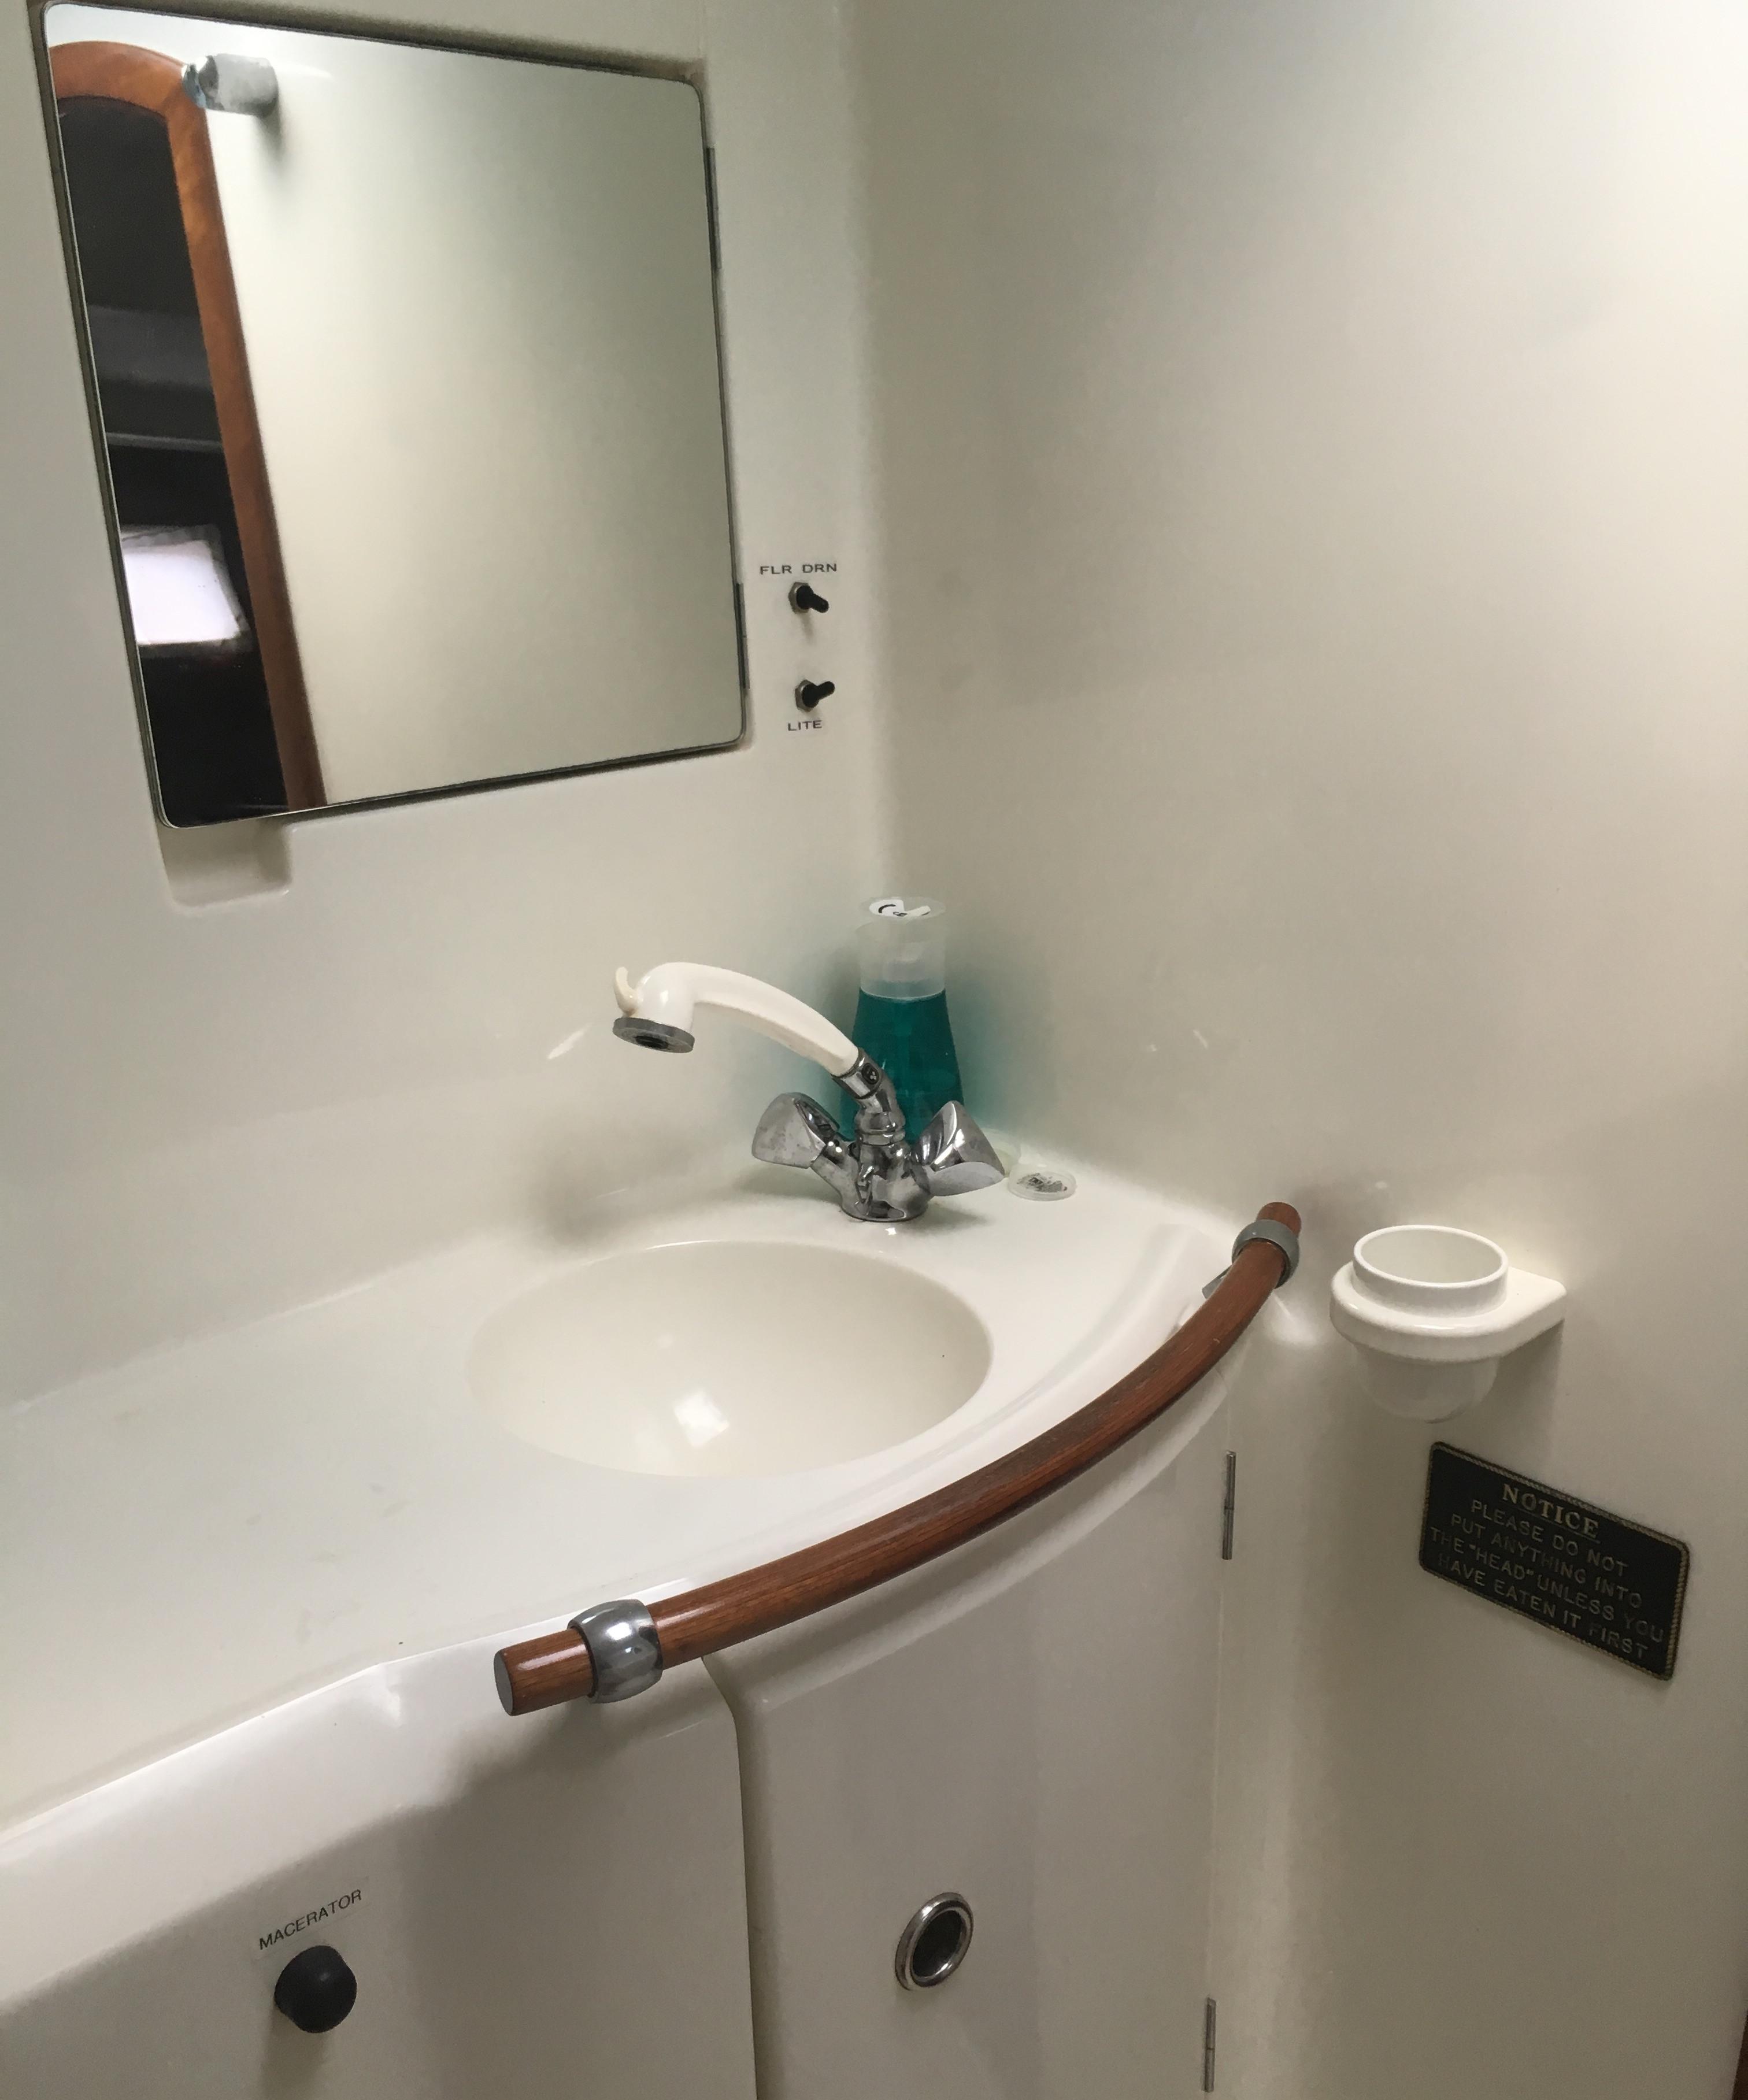 Forward Head Sink and Vanity